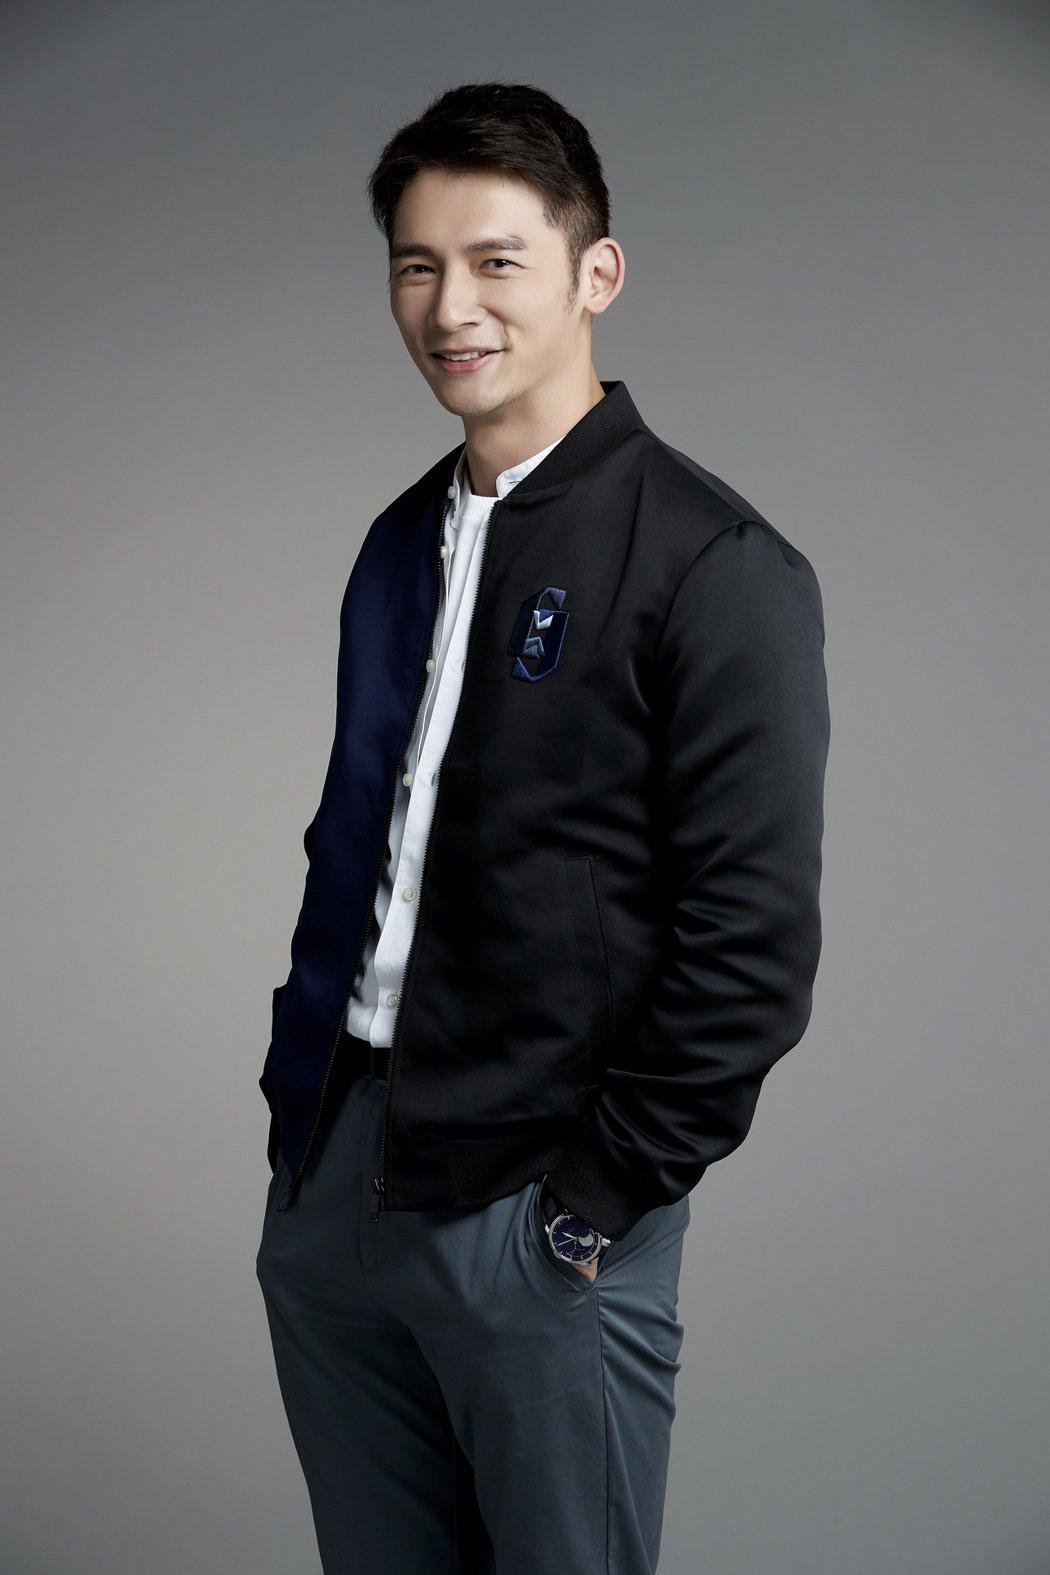 溫昇豪在「火神的眼淚」飾演在家庭與工作陷入兩難的消防員。圖/伊林娛樂提供